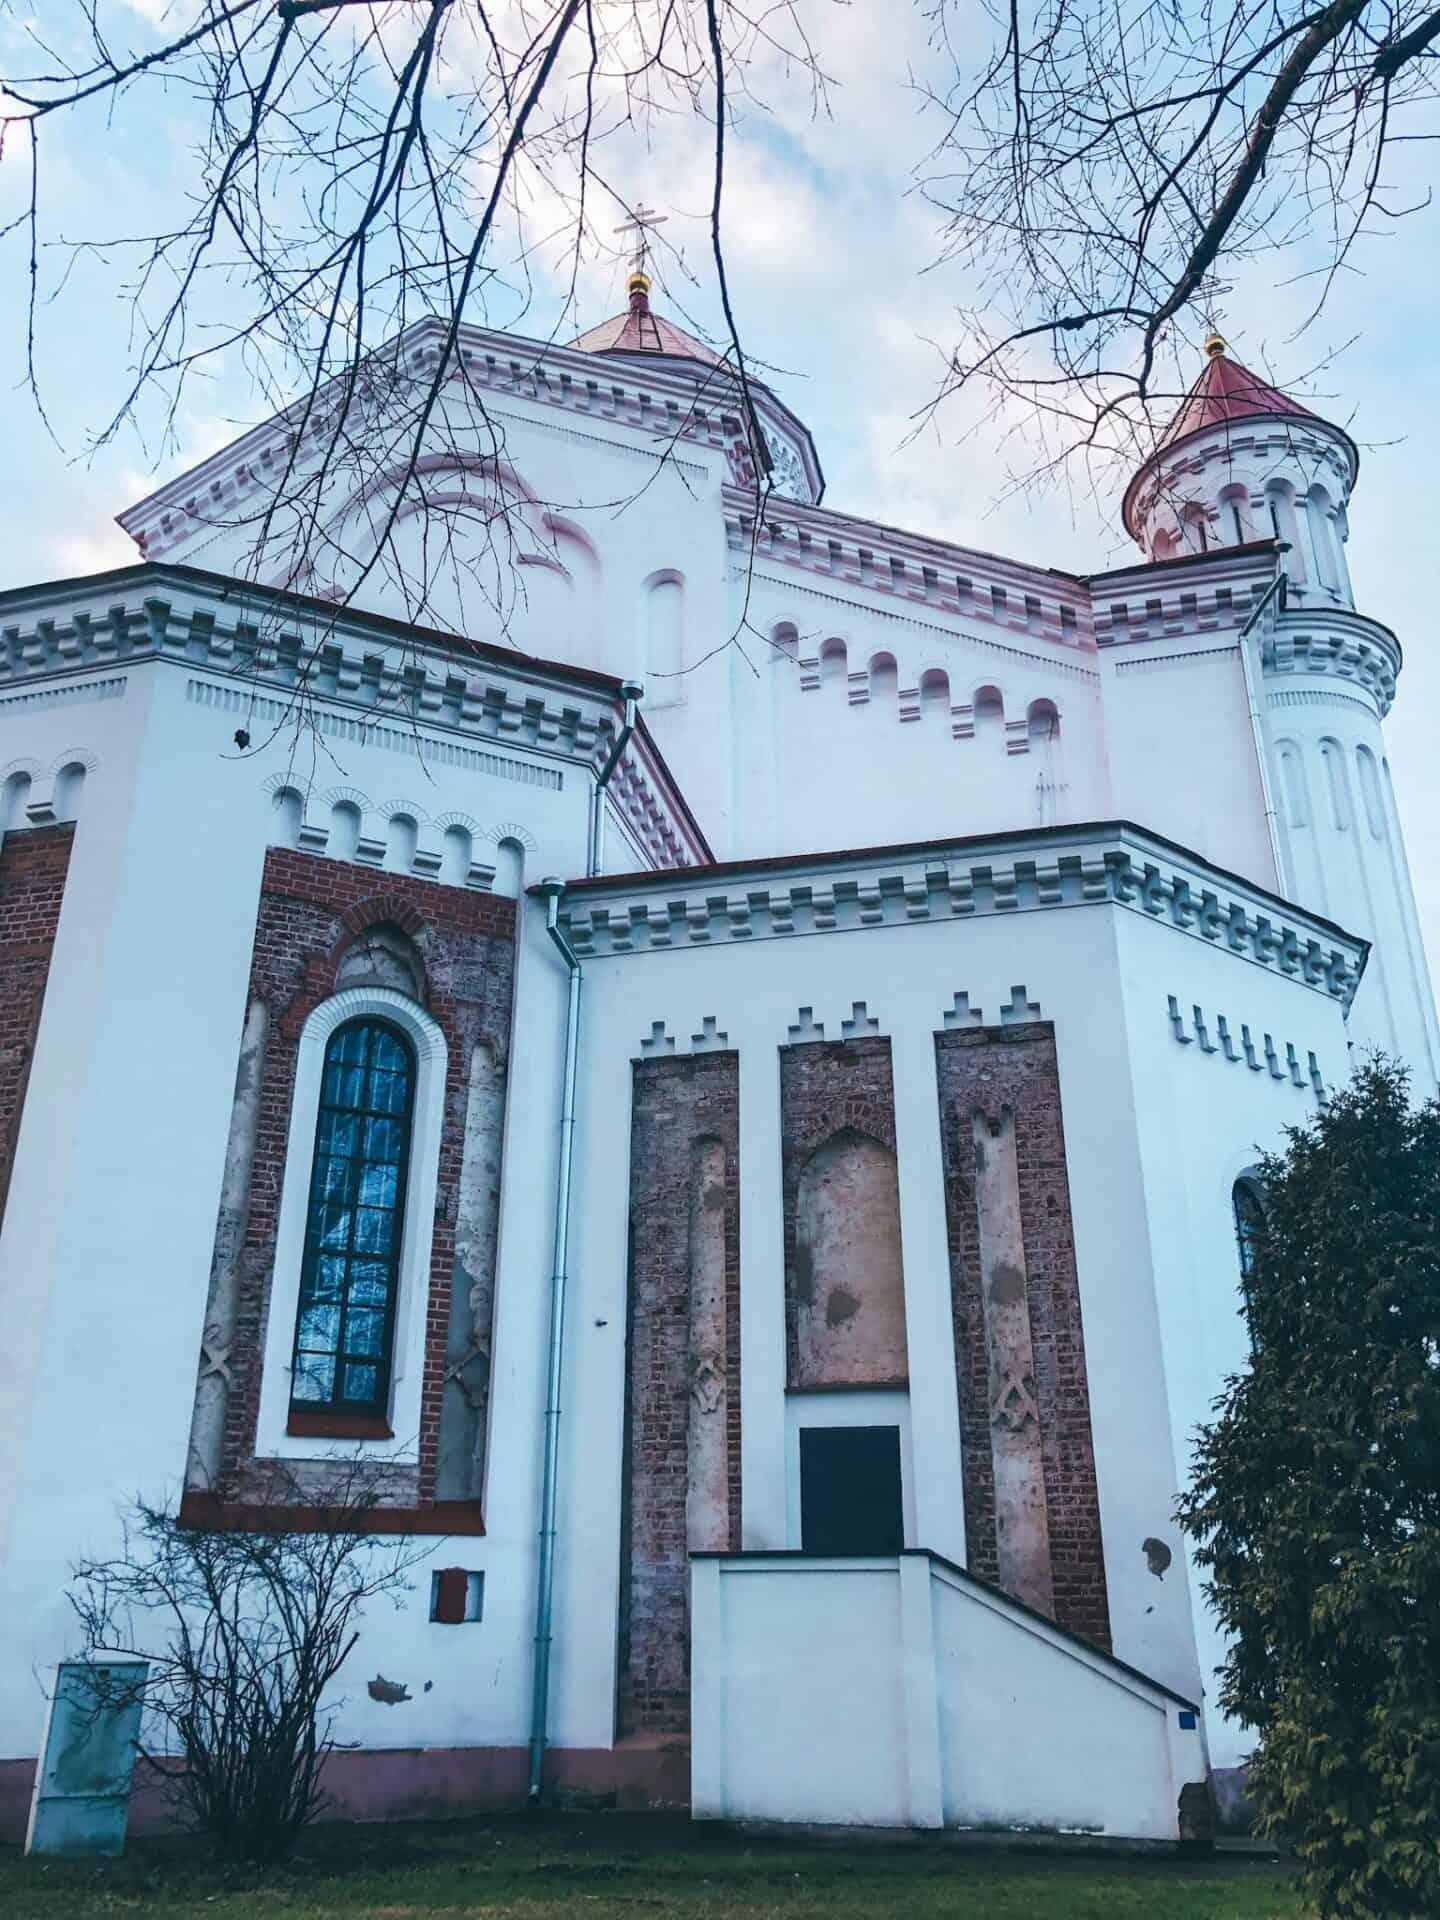 A white church